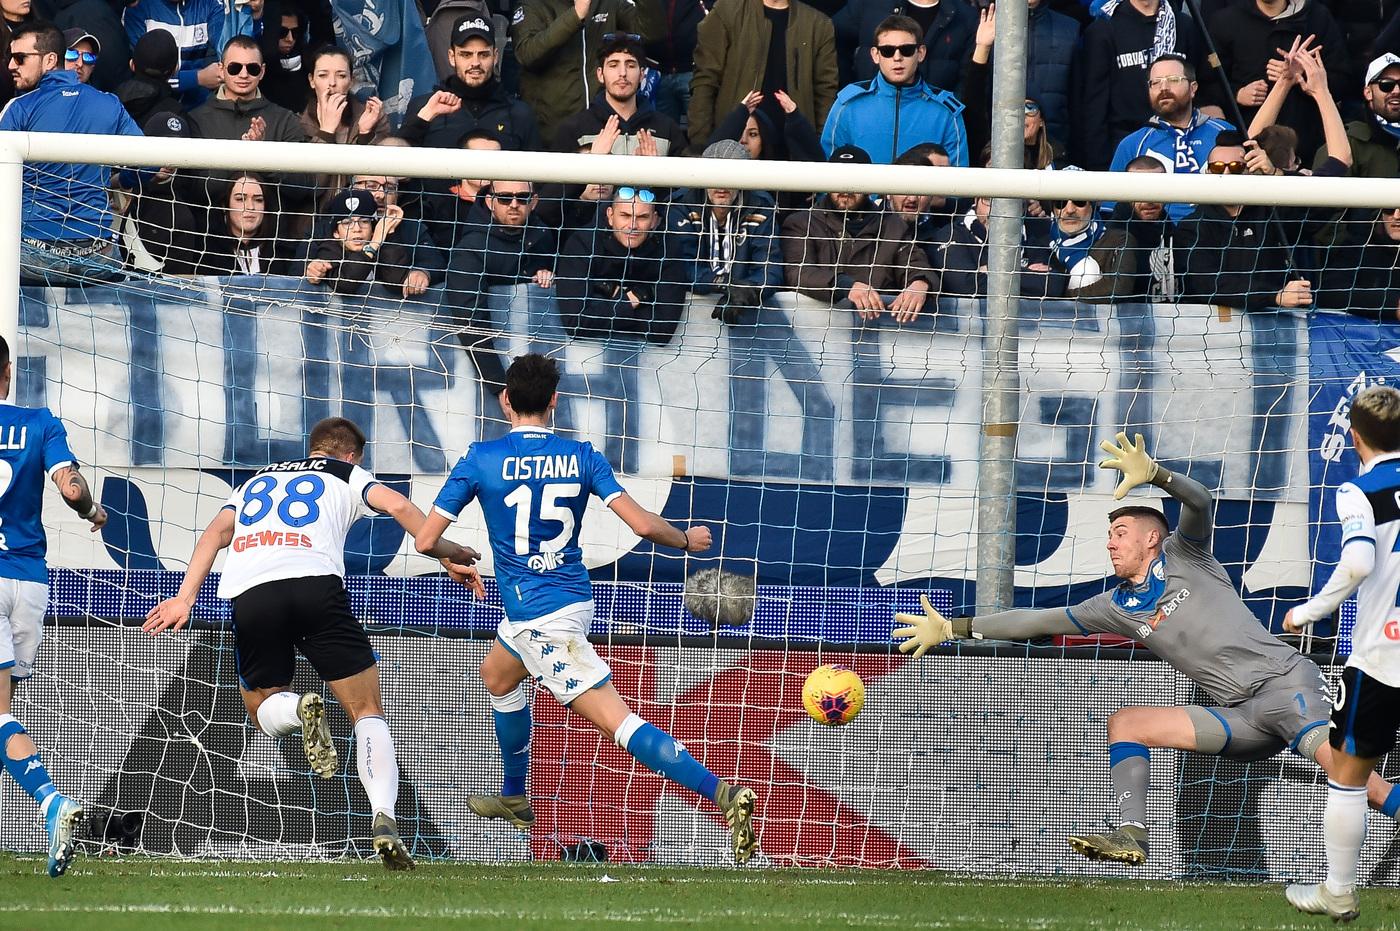 Biglietti, l'Atalanta vale come la Juve. E i tifosi del ...  |Atalanta-brescia